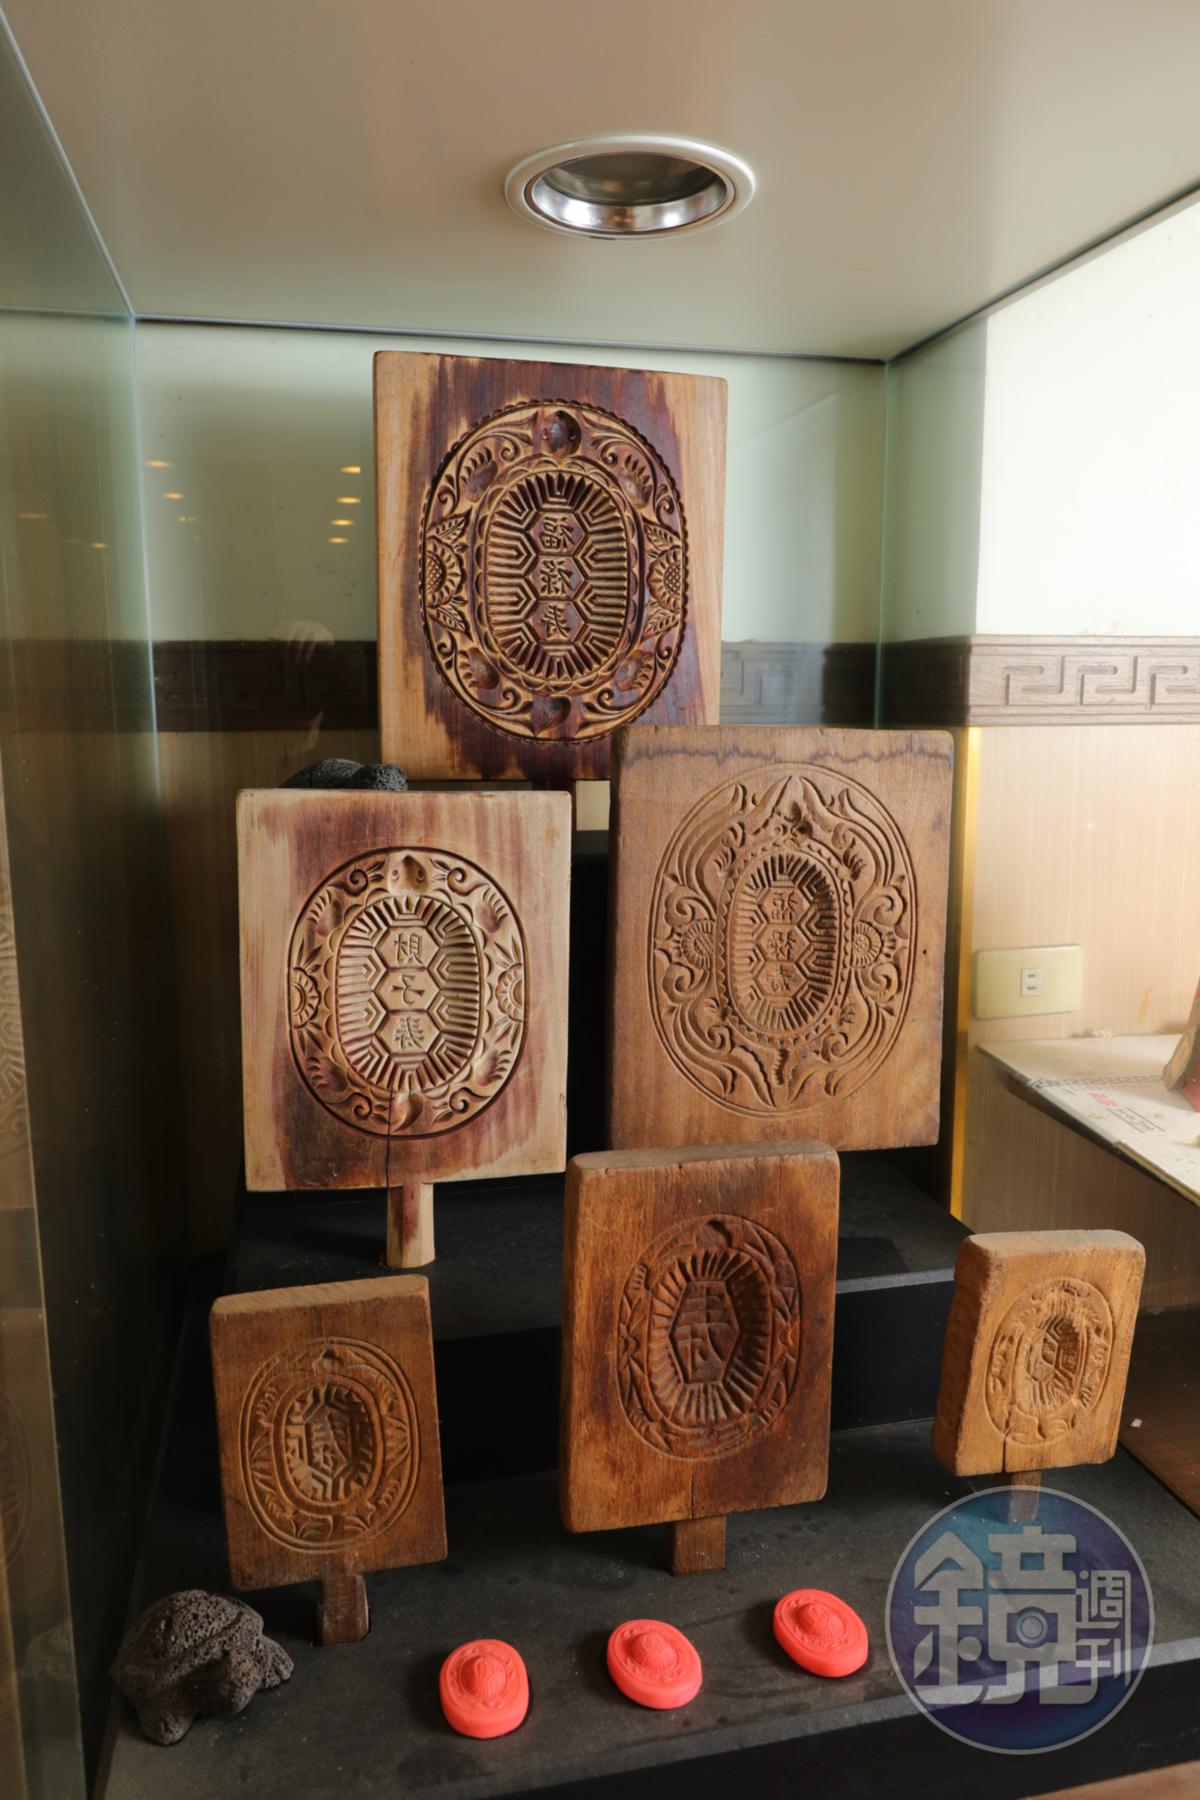 玻璃櫃裡展示歷代木刻的紅龜粿印。